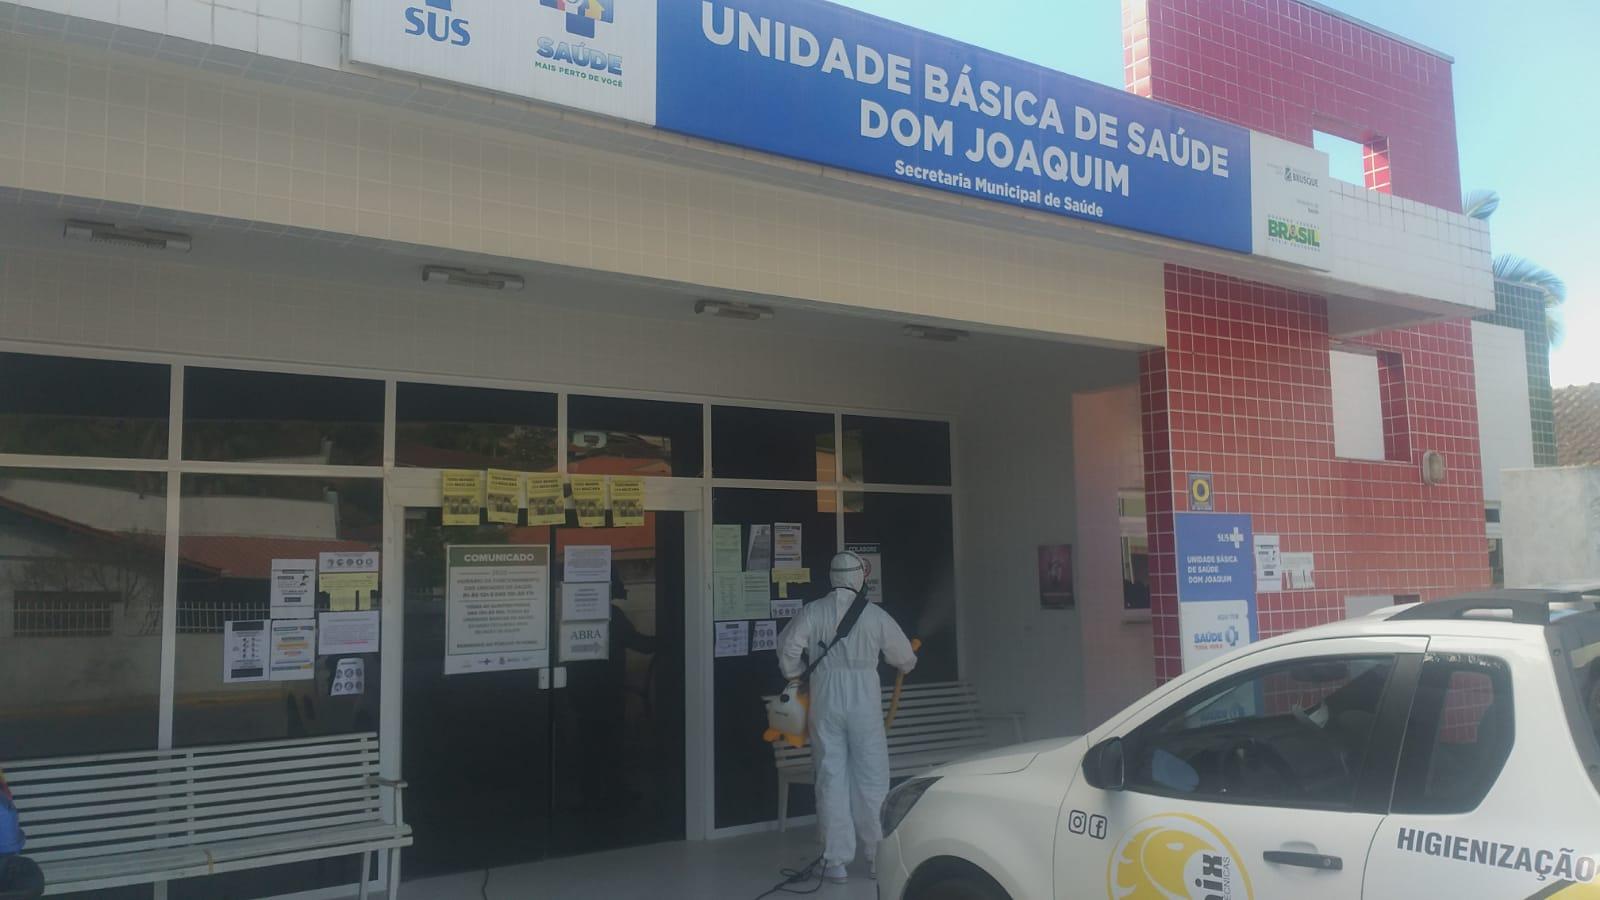 Unidade Básica de Saúde do bairro Dom Joaquim passa por desinfecção